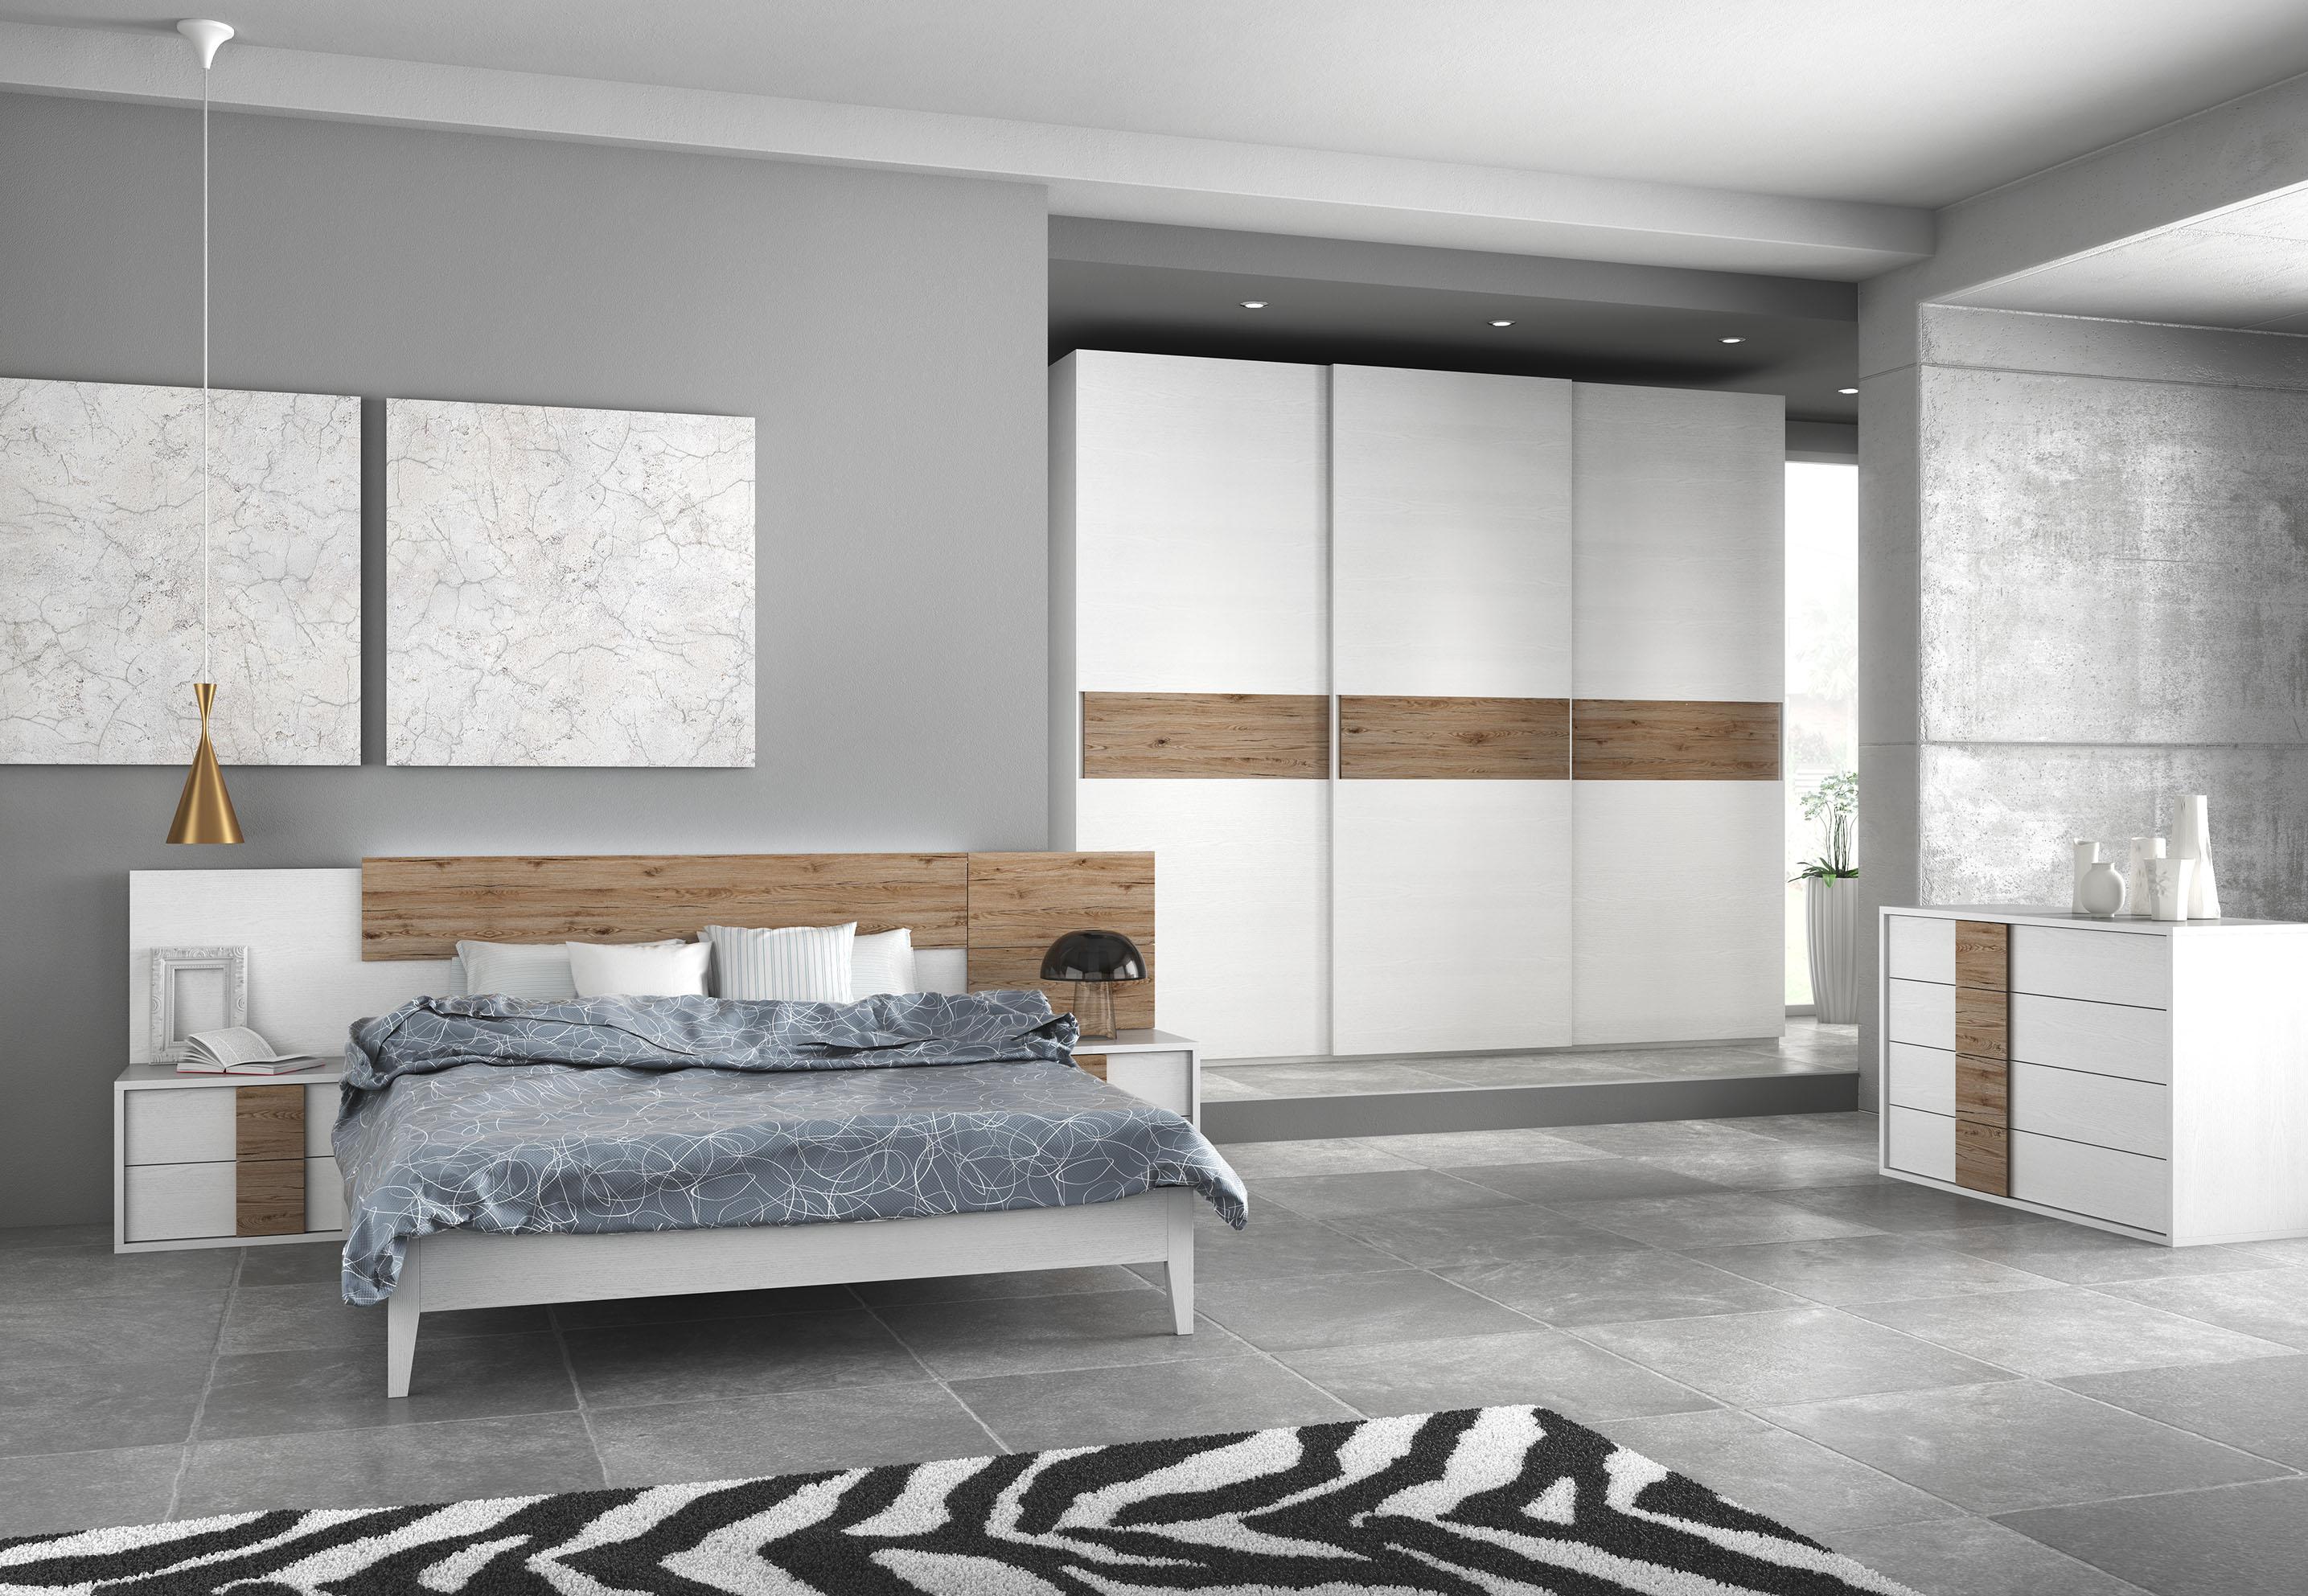 Pittura decorativa leroy merlin - Complementi d arredo camera da letto ...